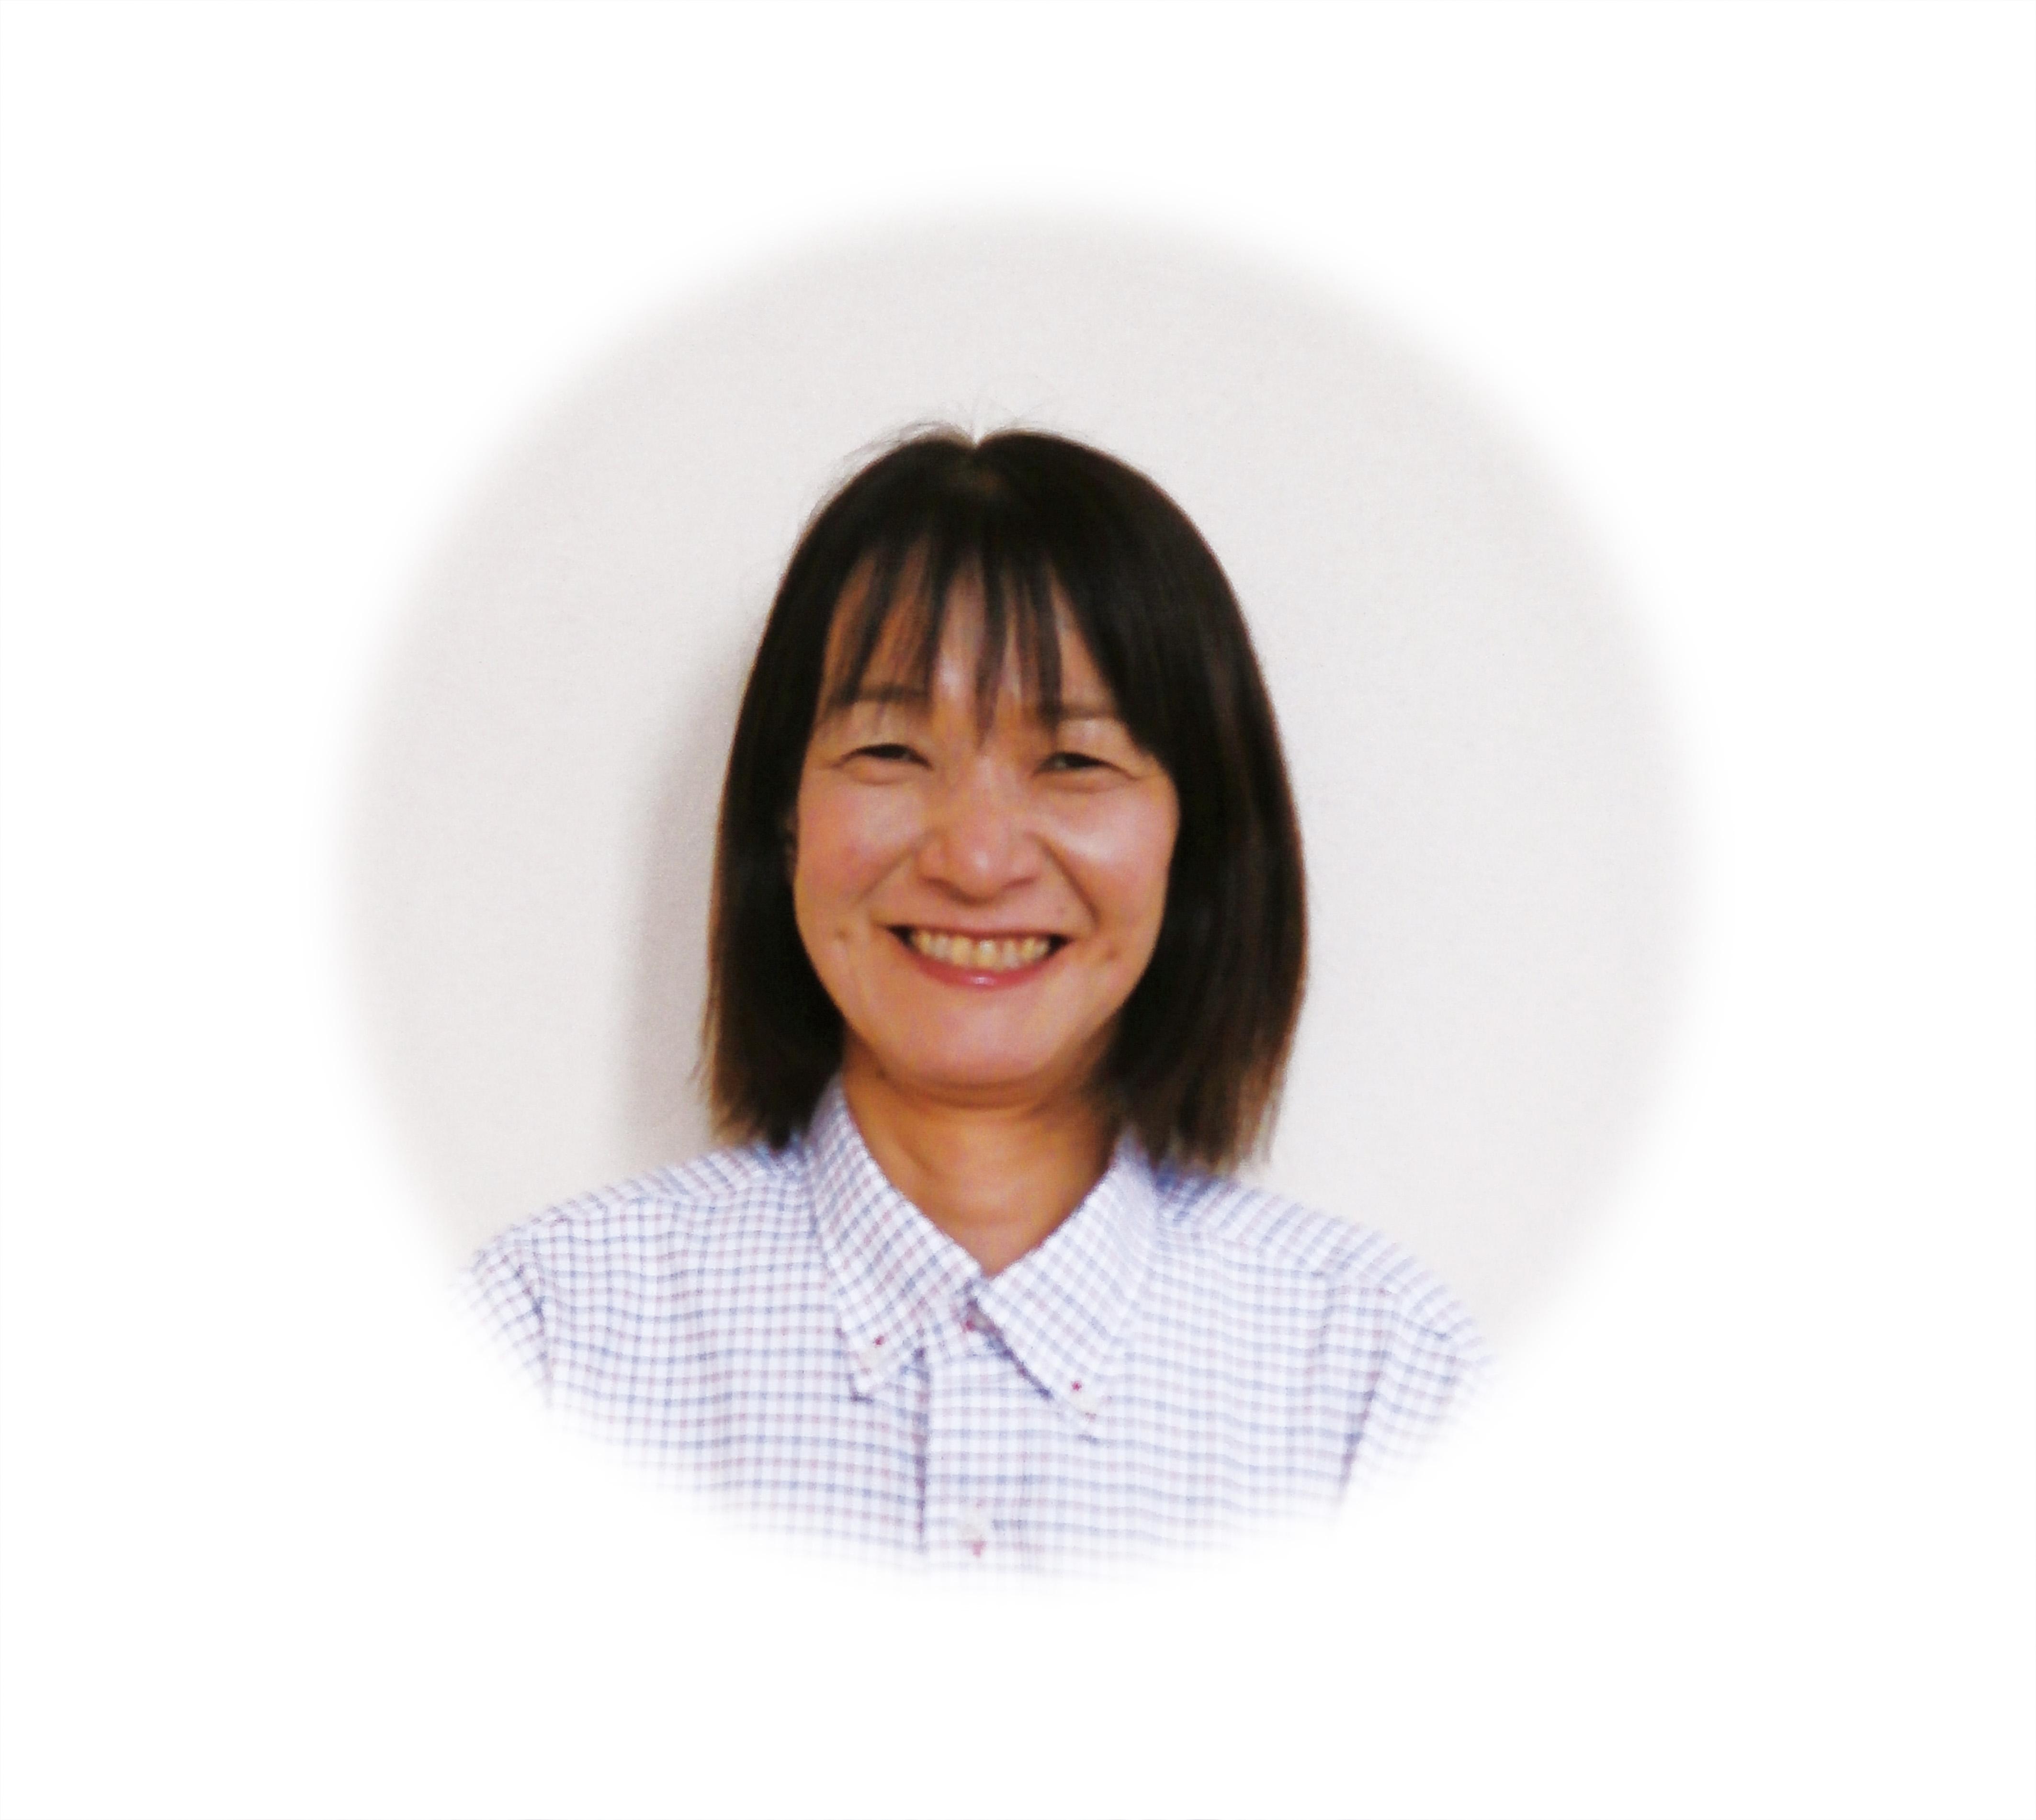 千葉中央_西川施設長_再撮影